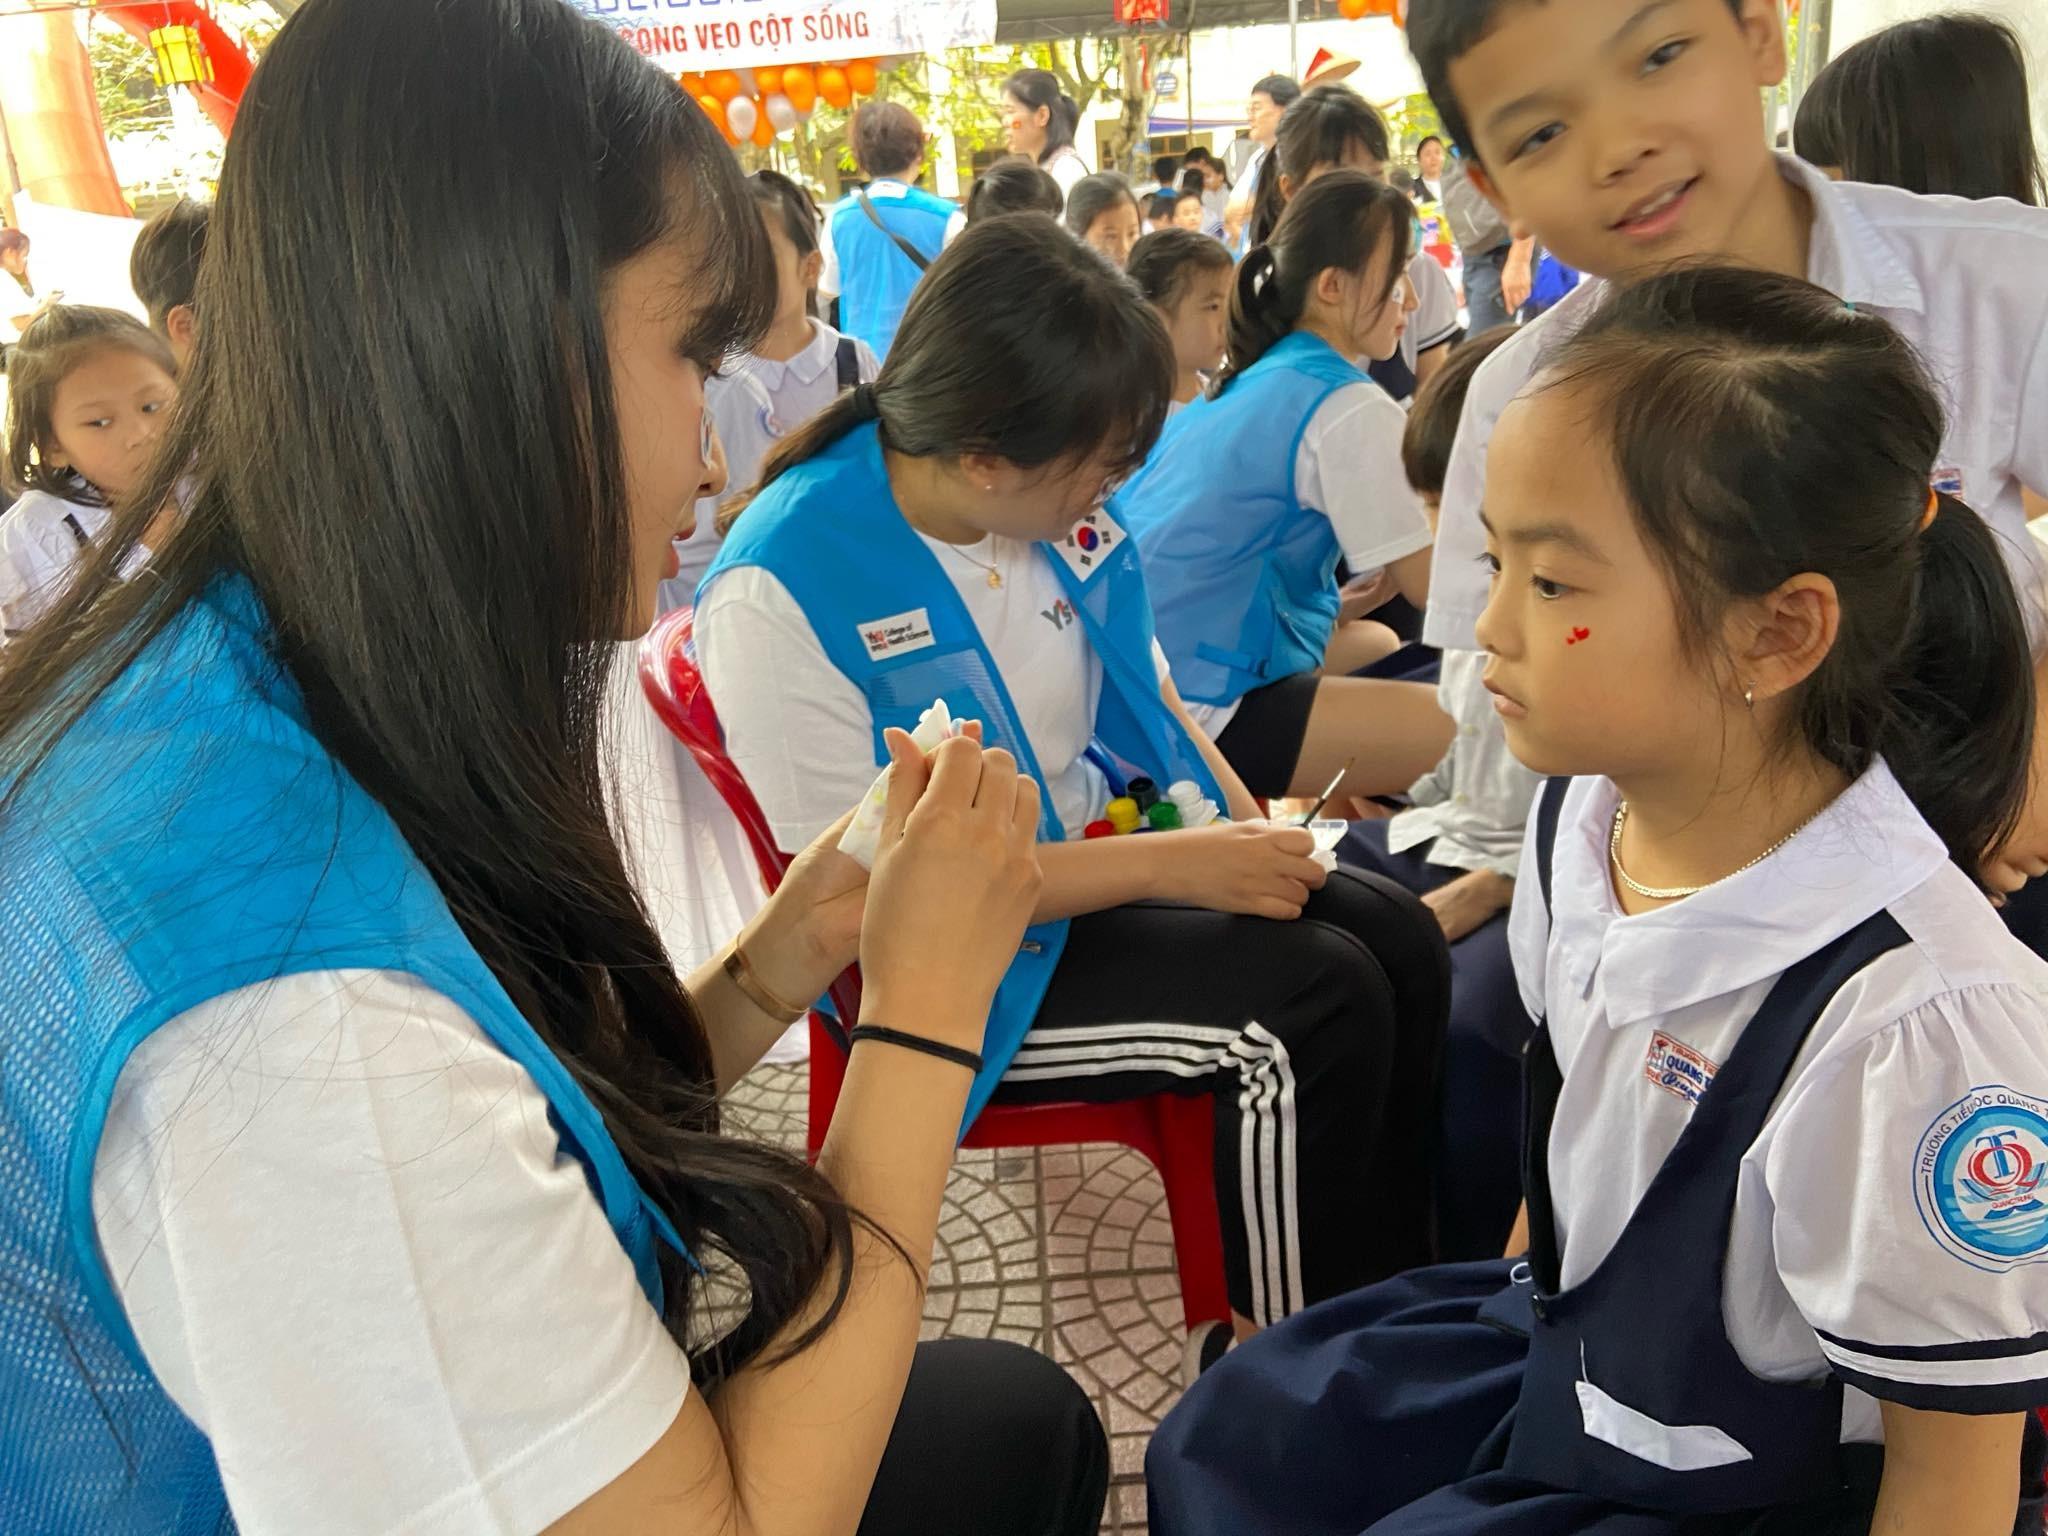 Ngày hội sức khỏe tại Trường tiểu học Quang Trung